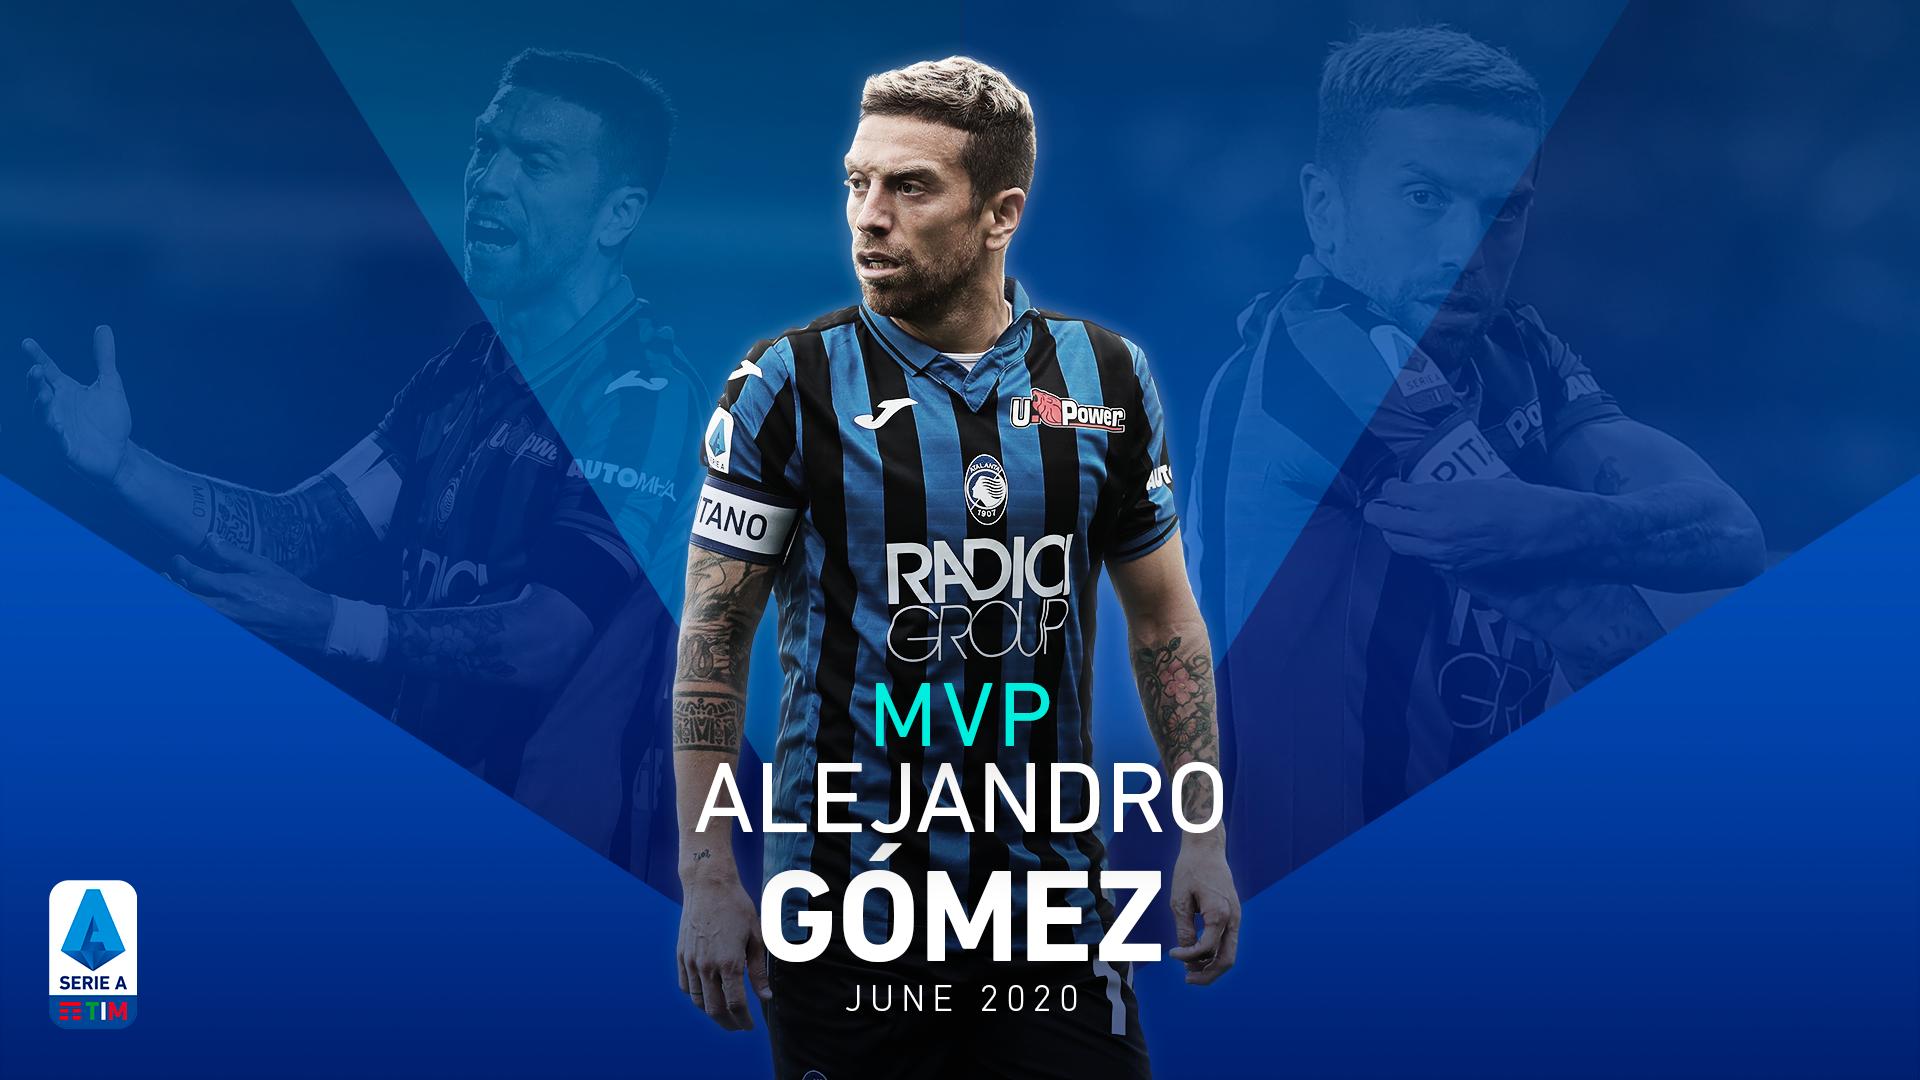 ALEJANDRO GOMEZ MVP FOR JUNE